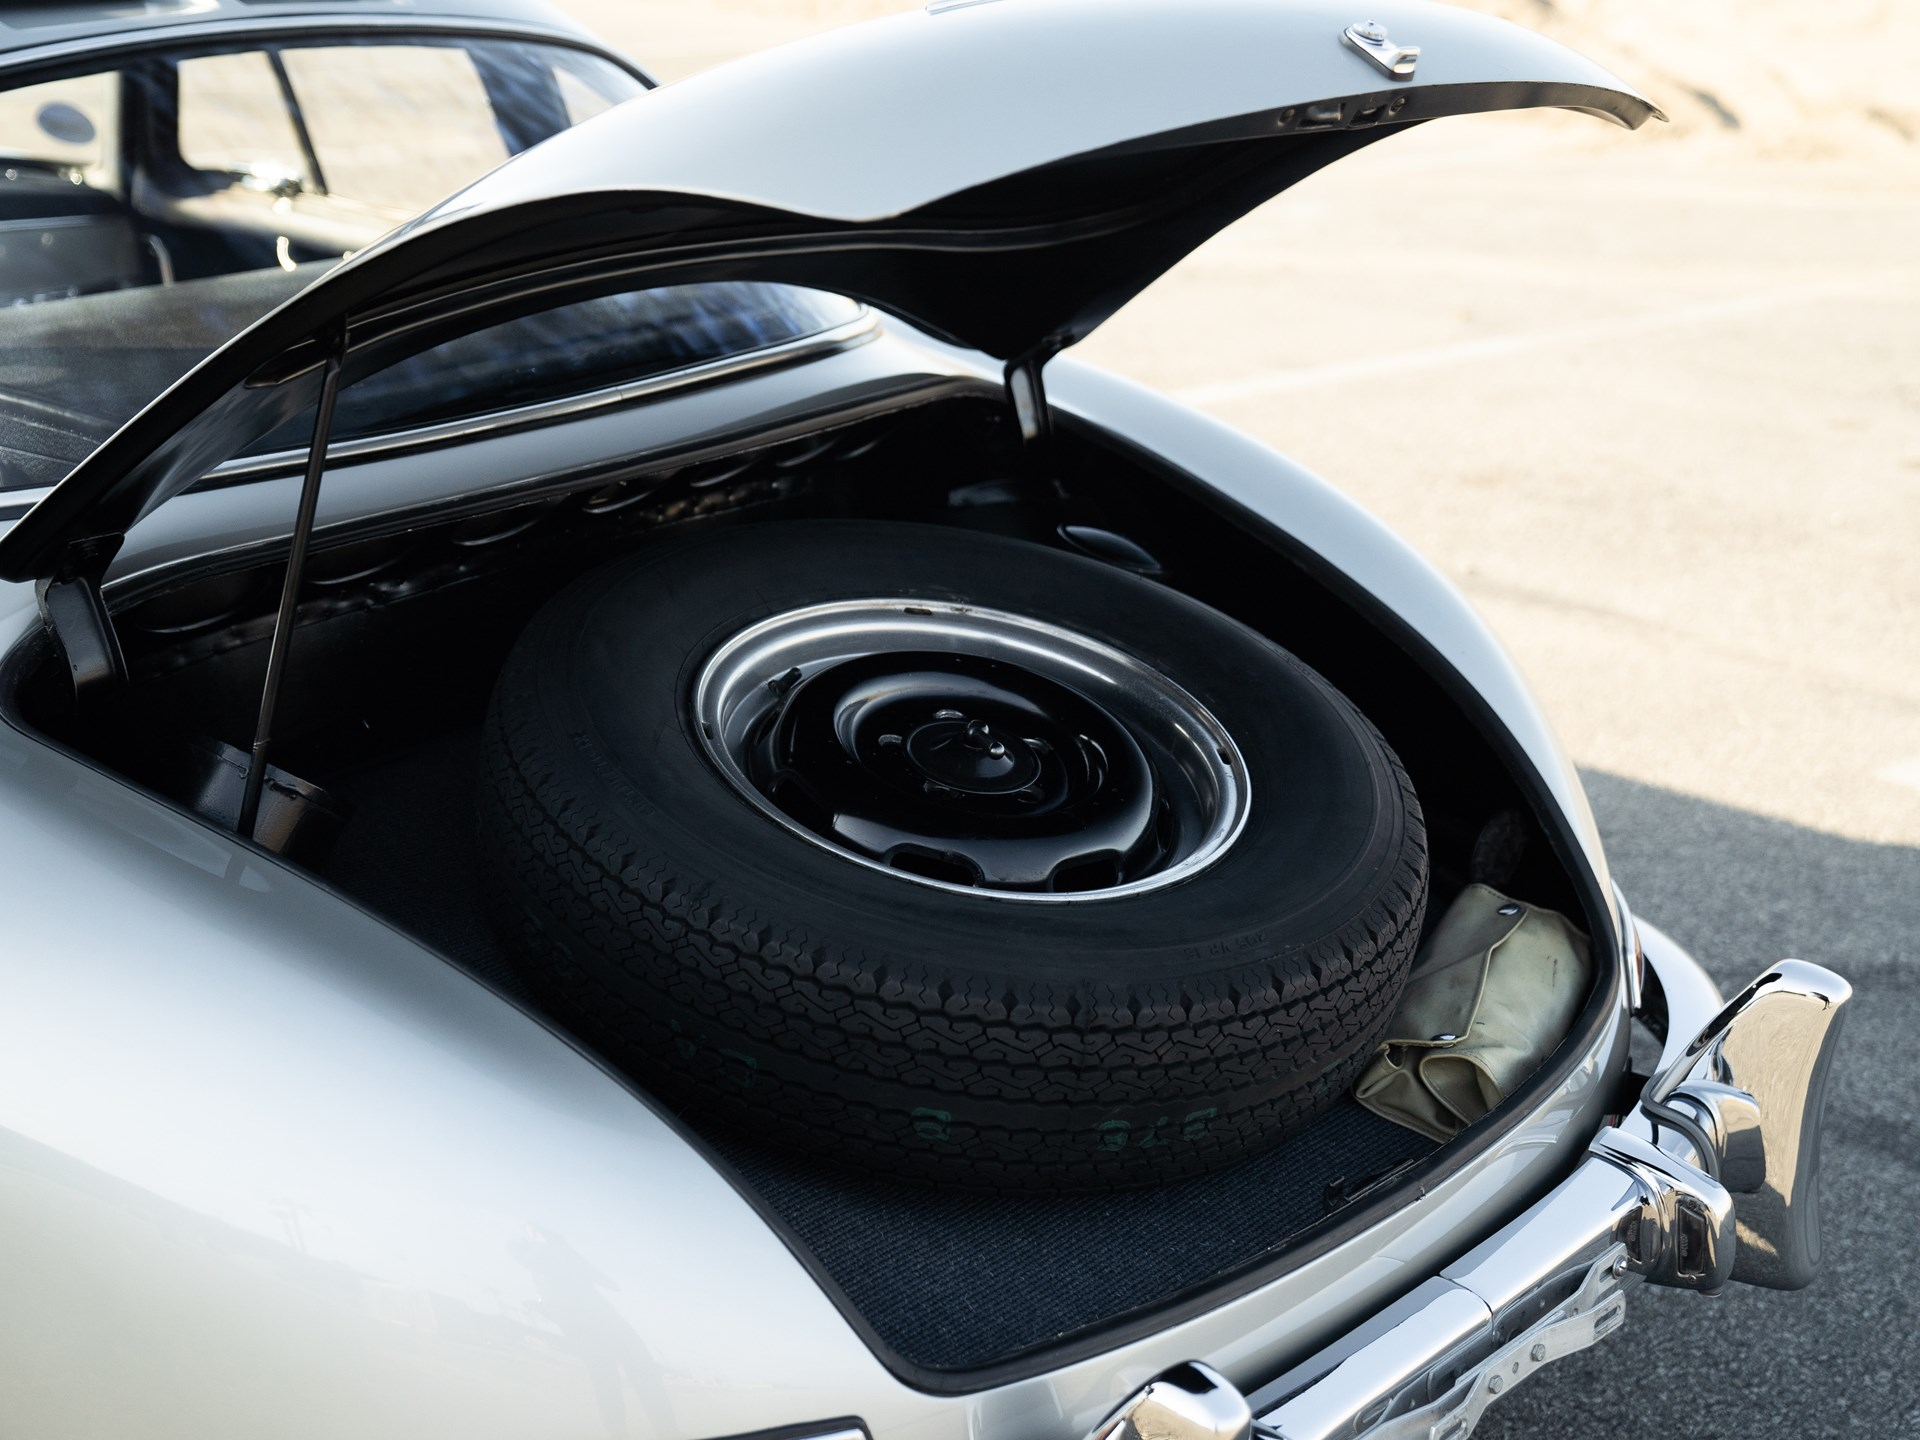 1955 Mercedes-Benz 300 SL Gullwing trunk